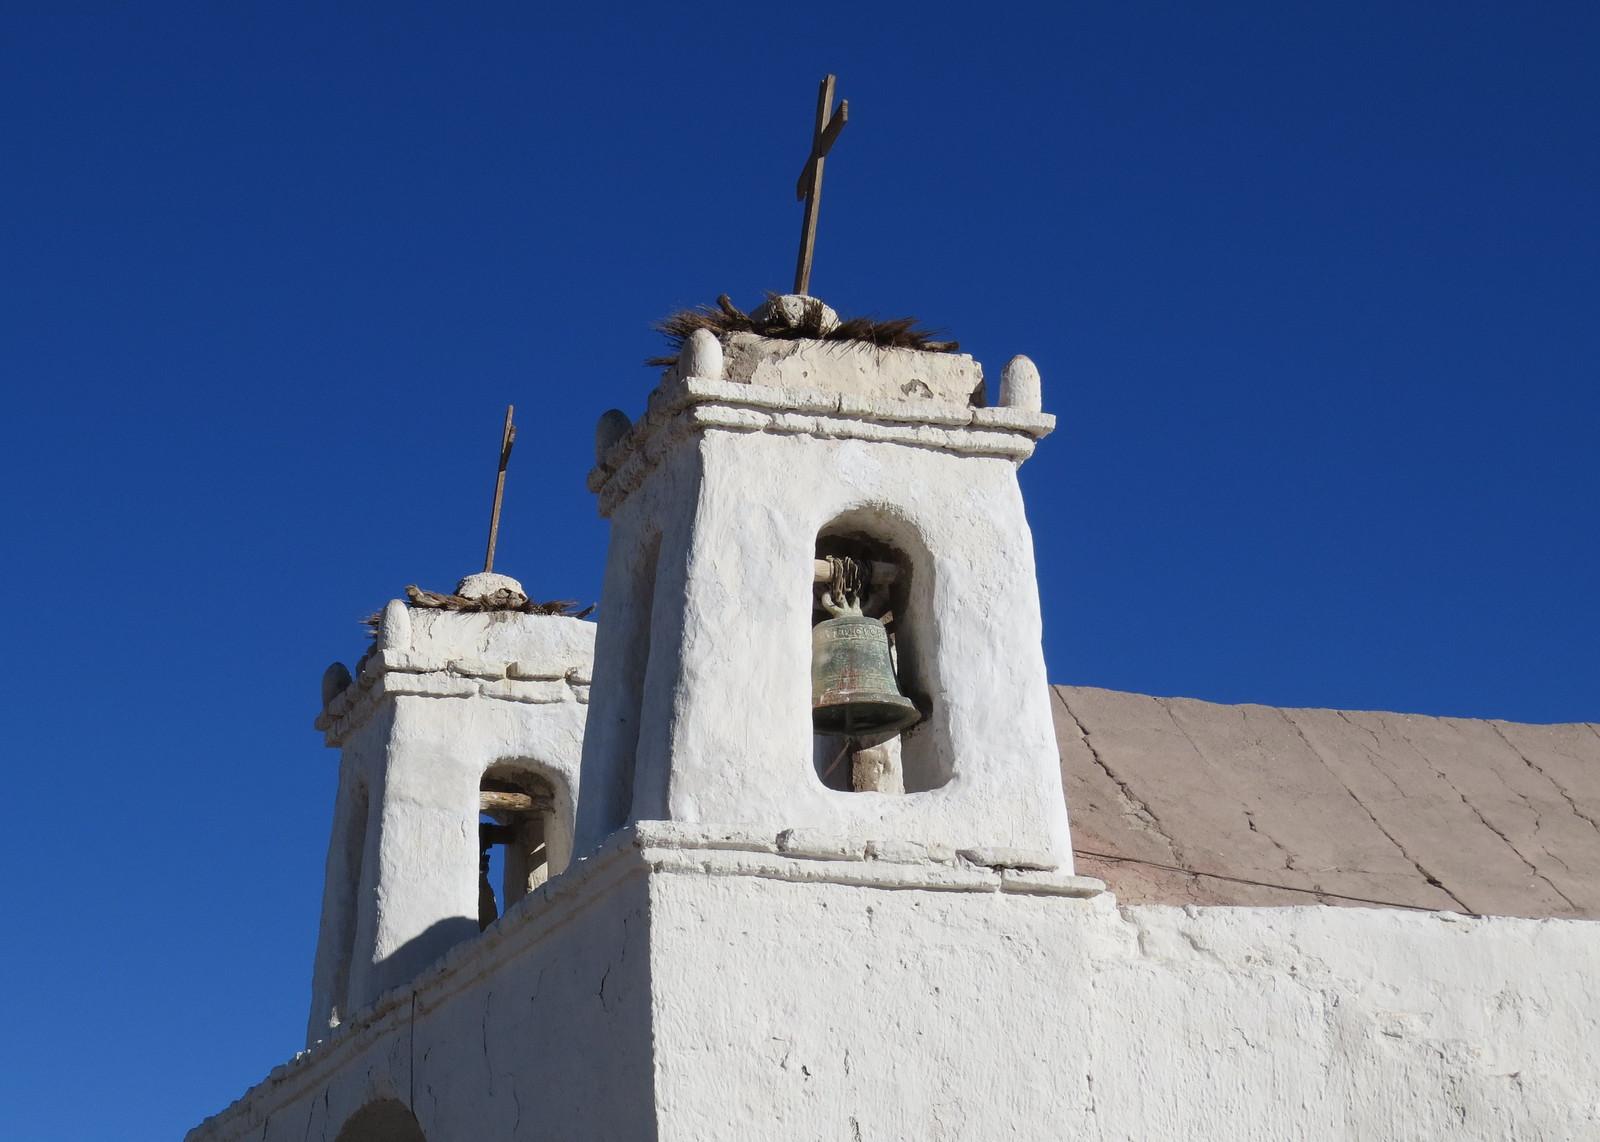 Church at Chiu-Chiu